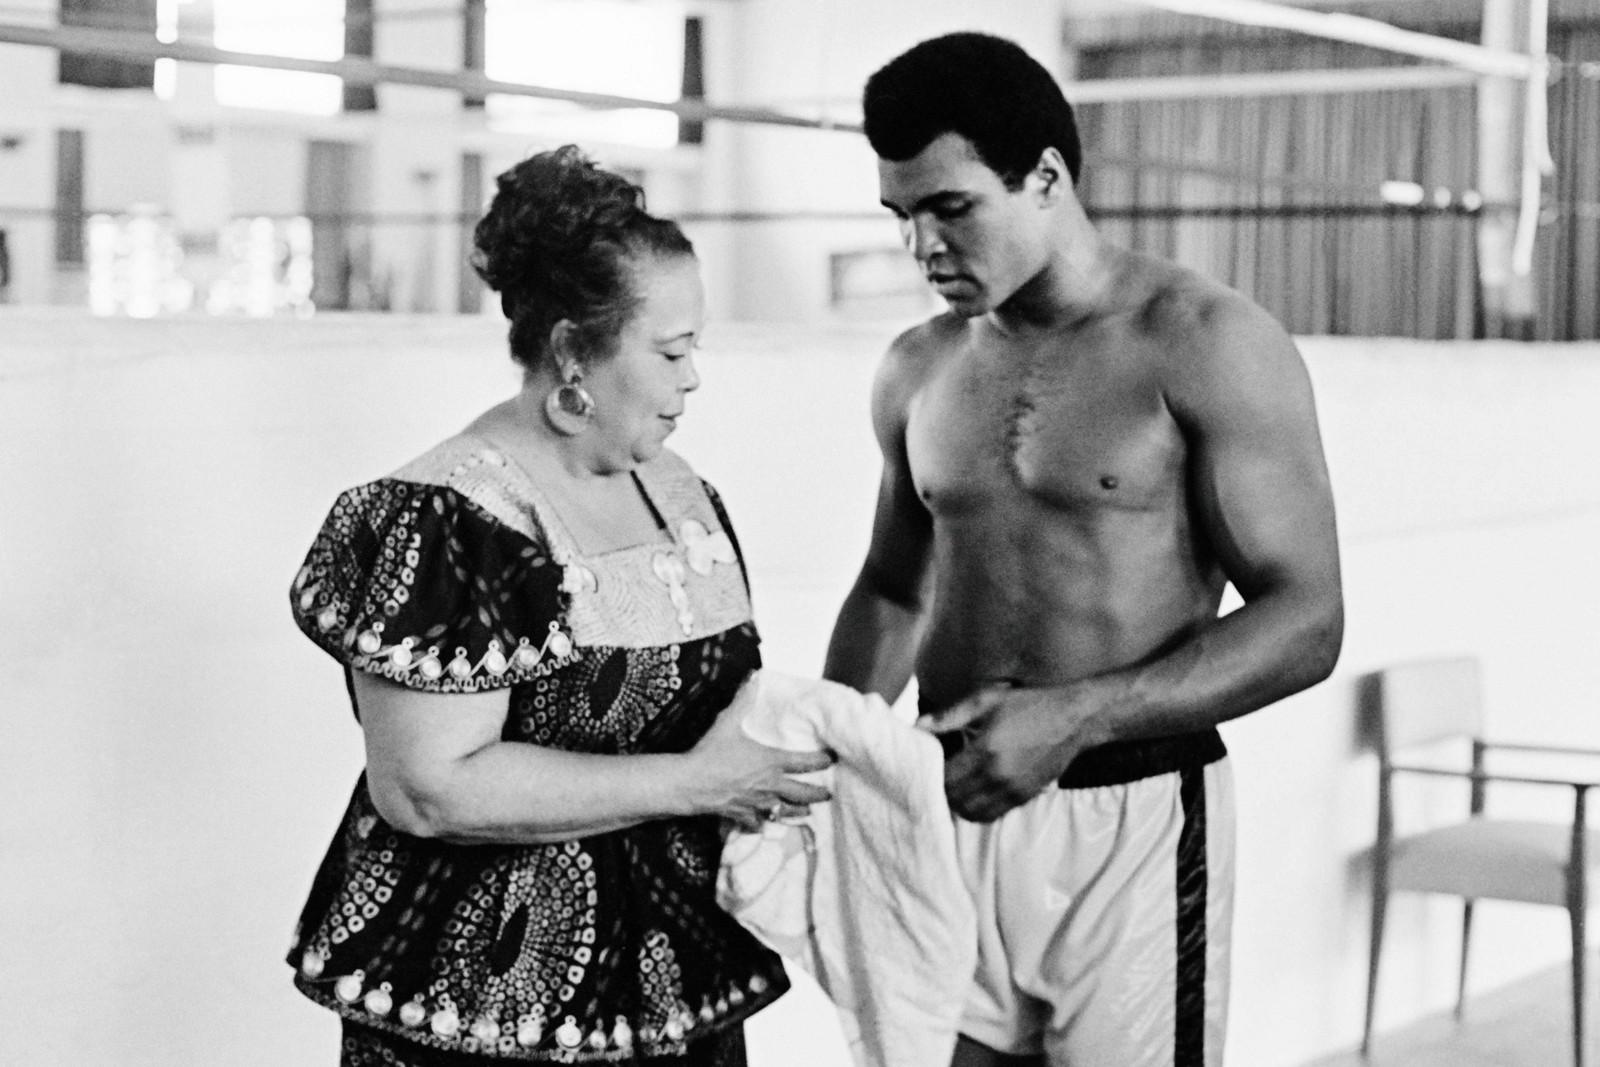 Muhammad Ali (født Cassius Clay) sammen med moren Odessa Grady Clay under en treningsøkt tre dager før VM i tungvekt i Kinshasa, 27. oktober, 1974.